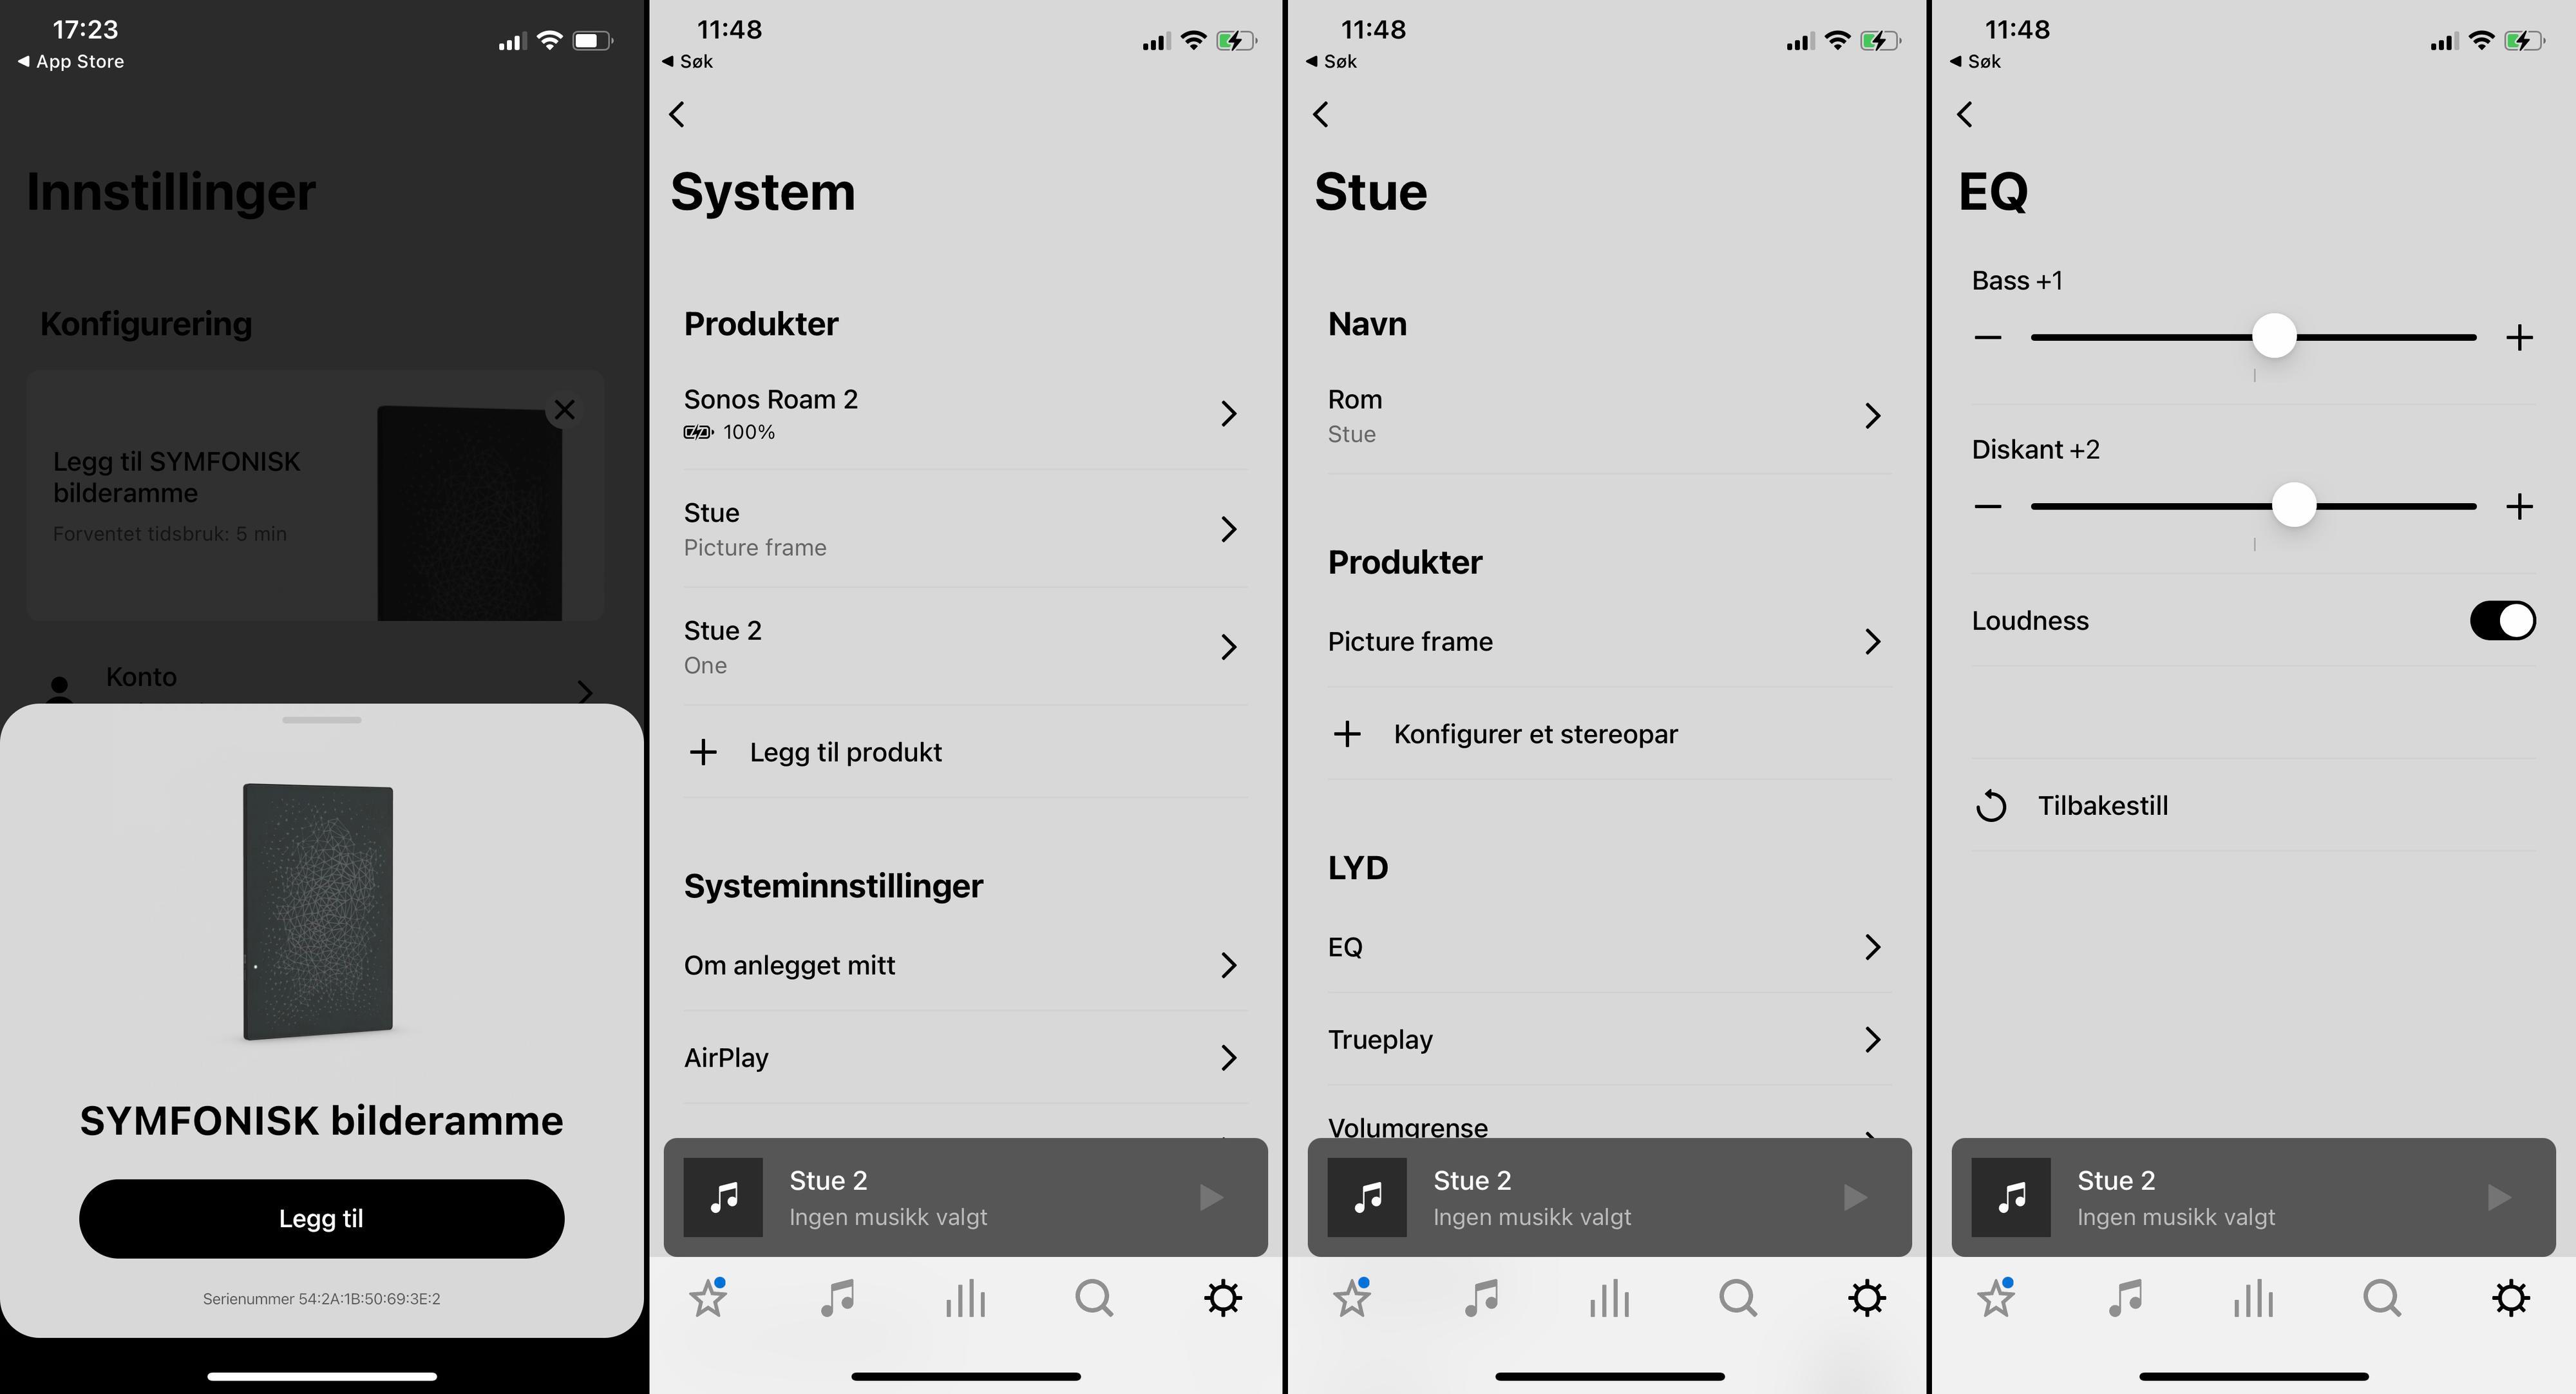 Sonos-appen er ganske velkjent. Det er kjekt at det spretter opp en tilkoblingsforespørsel så fort du plugger i strømmen.